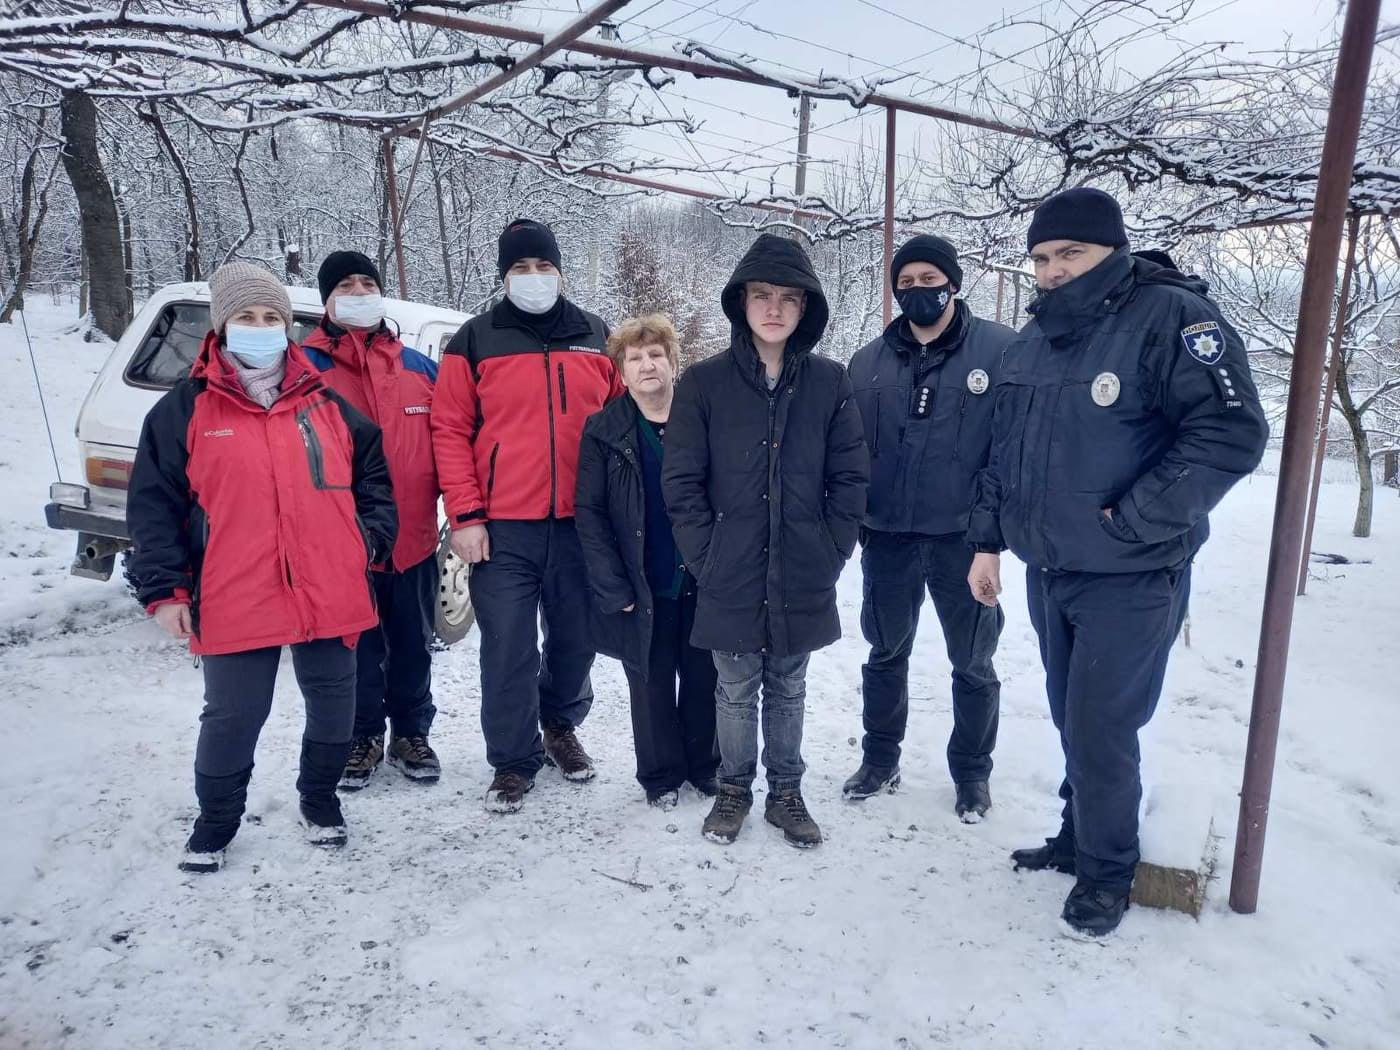 На поиски подростка отправились специалисты Иршавового горного поисково-спасательного отдела, сотрудники полиции и местные жители.